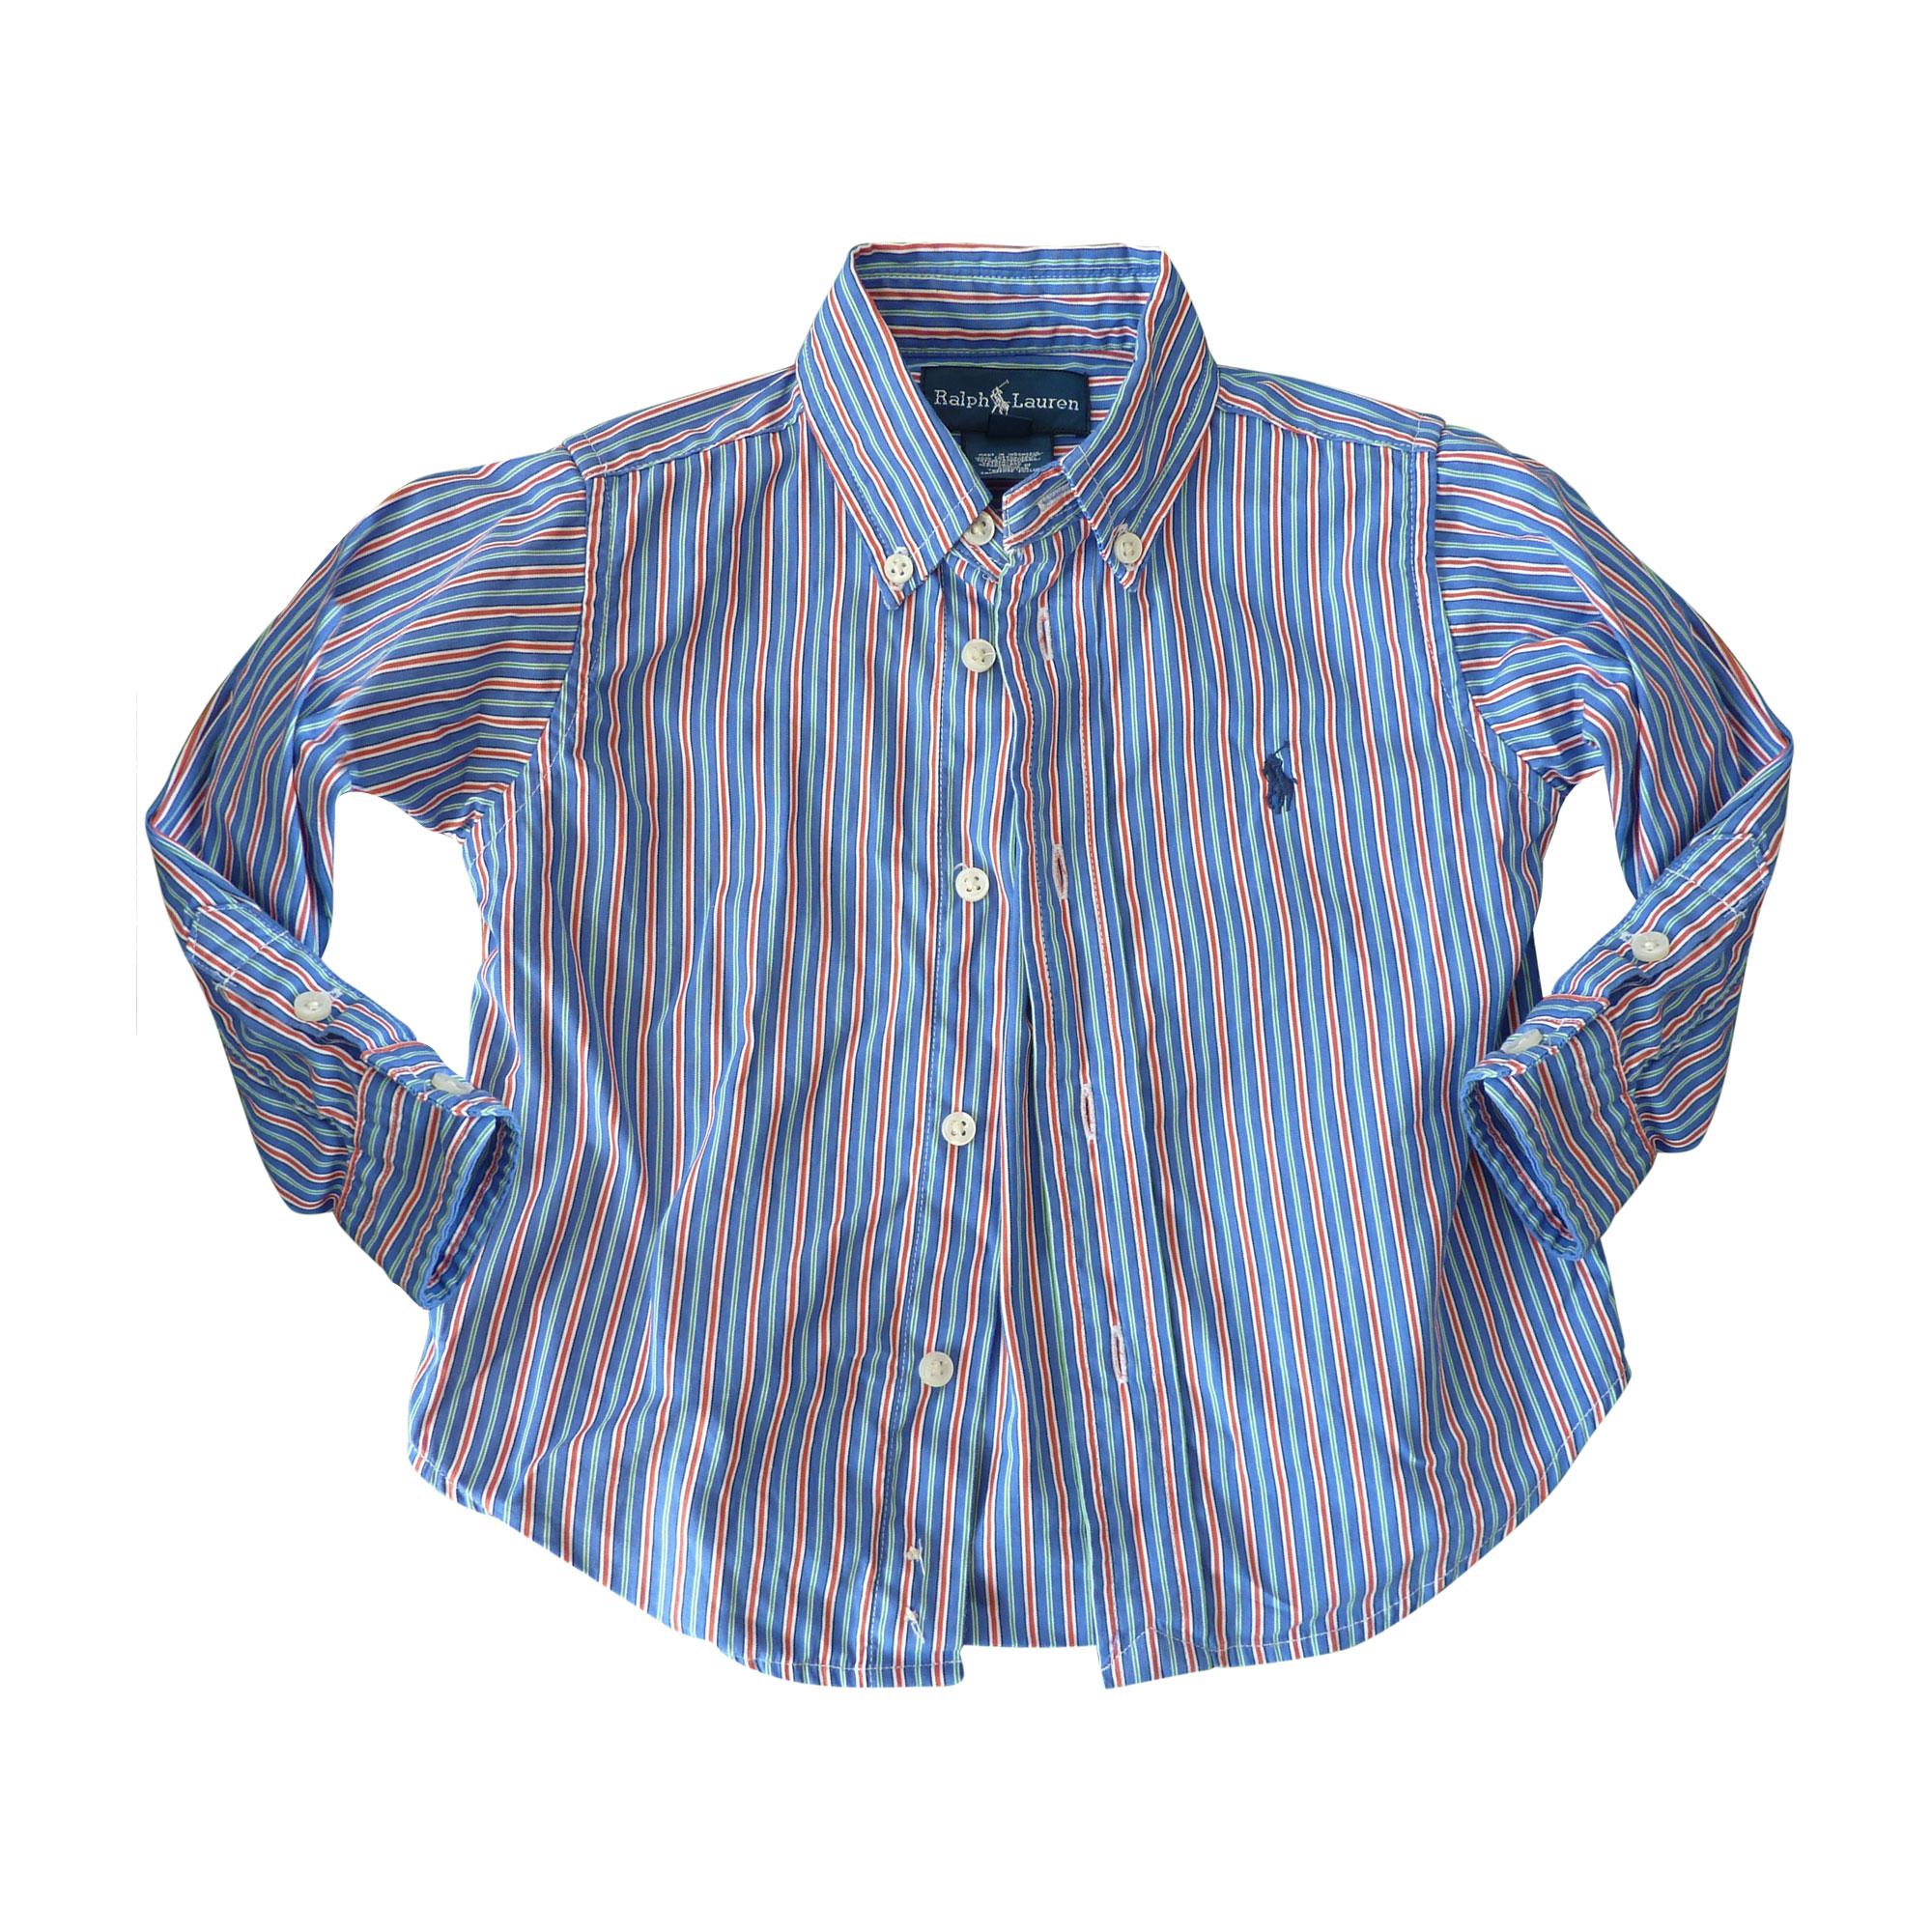 Shirt RALPH LAUREN bleu, rouge , blanc